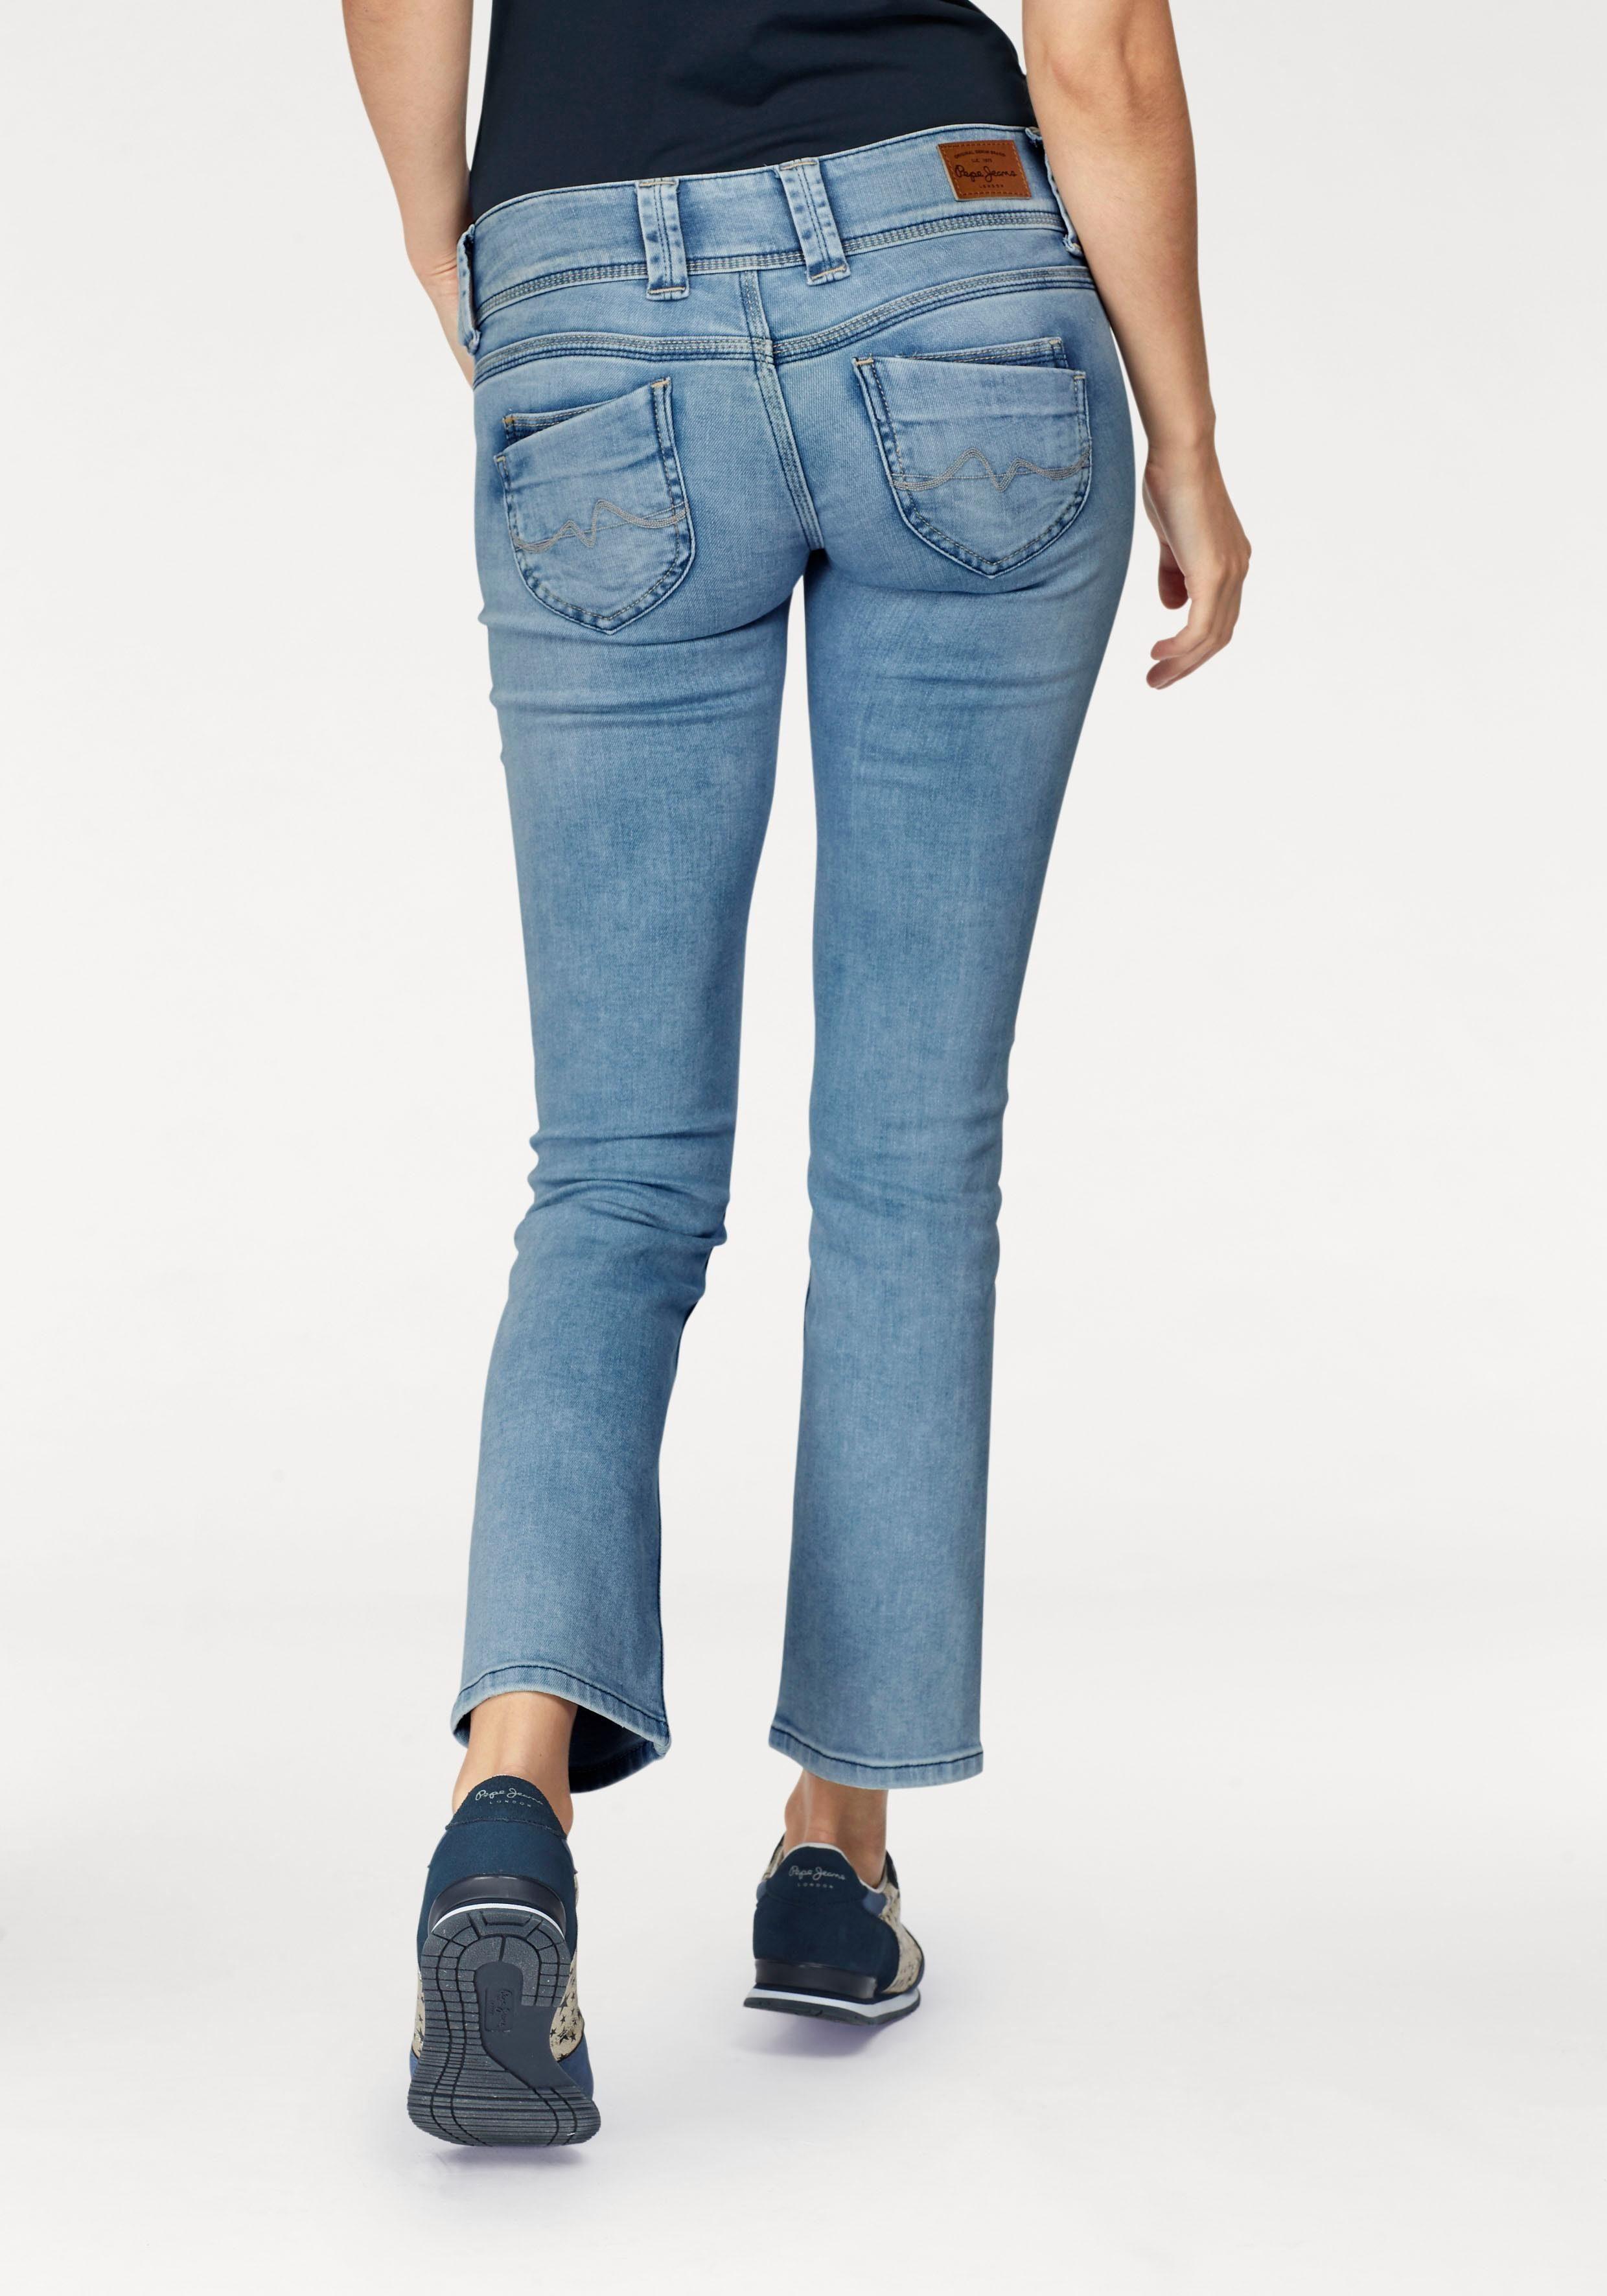 Pepe Jeans Straight Jeans »VENUS« mit breitem 2 Knopf Bund online kaufen | OTTO